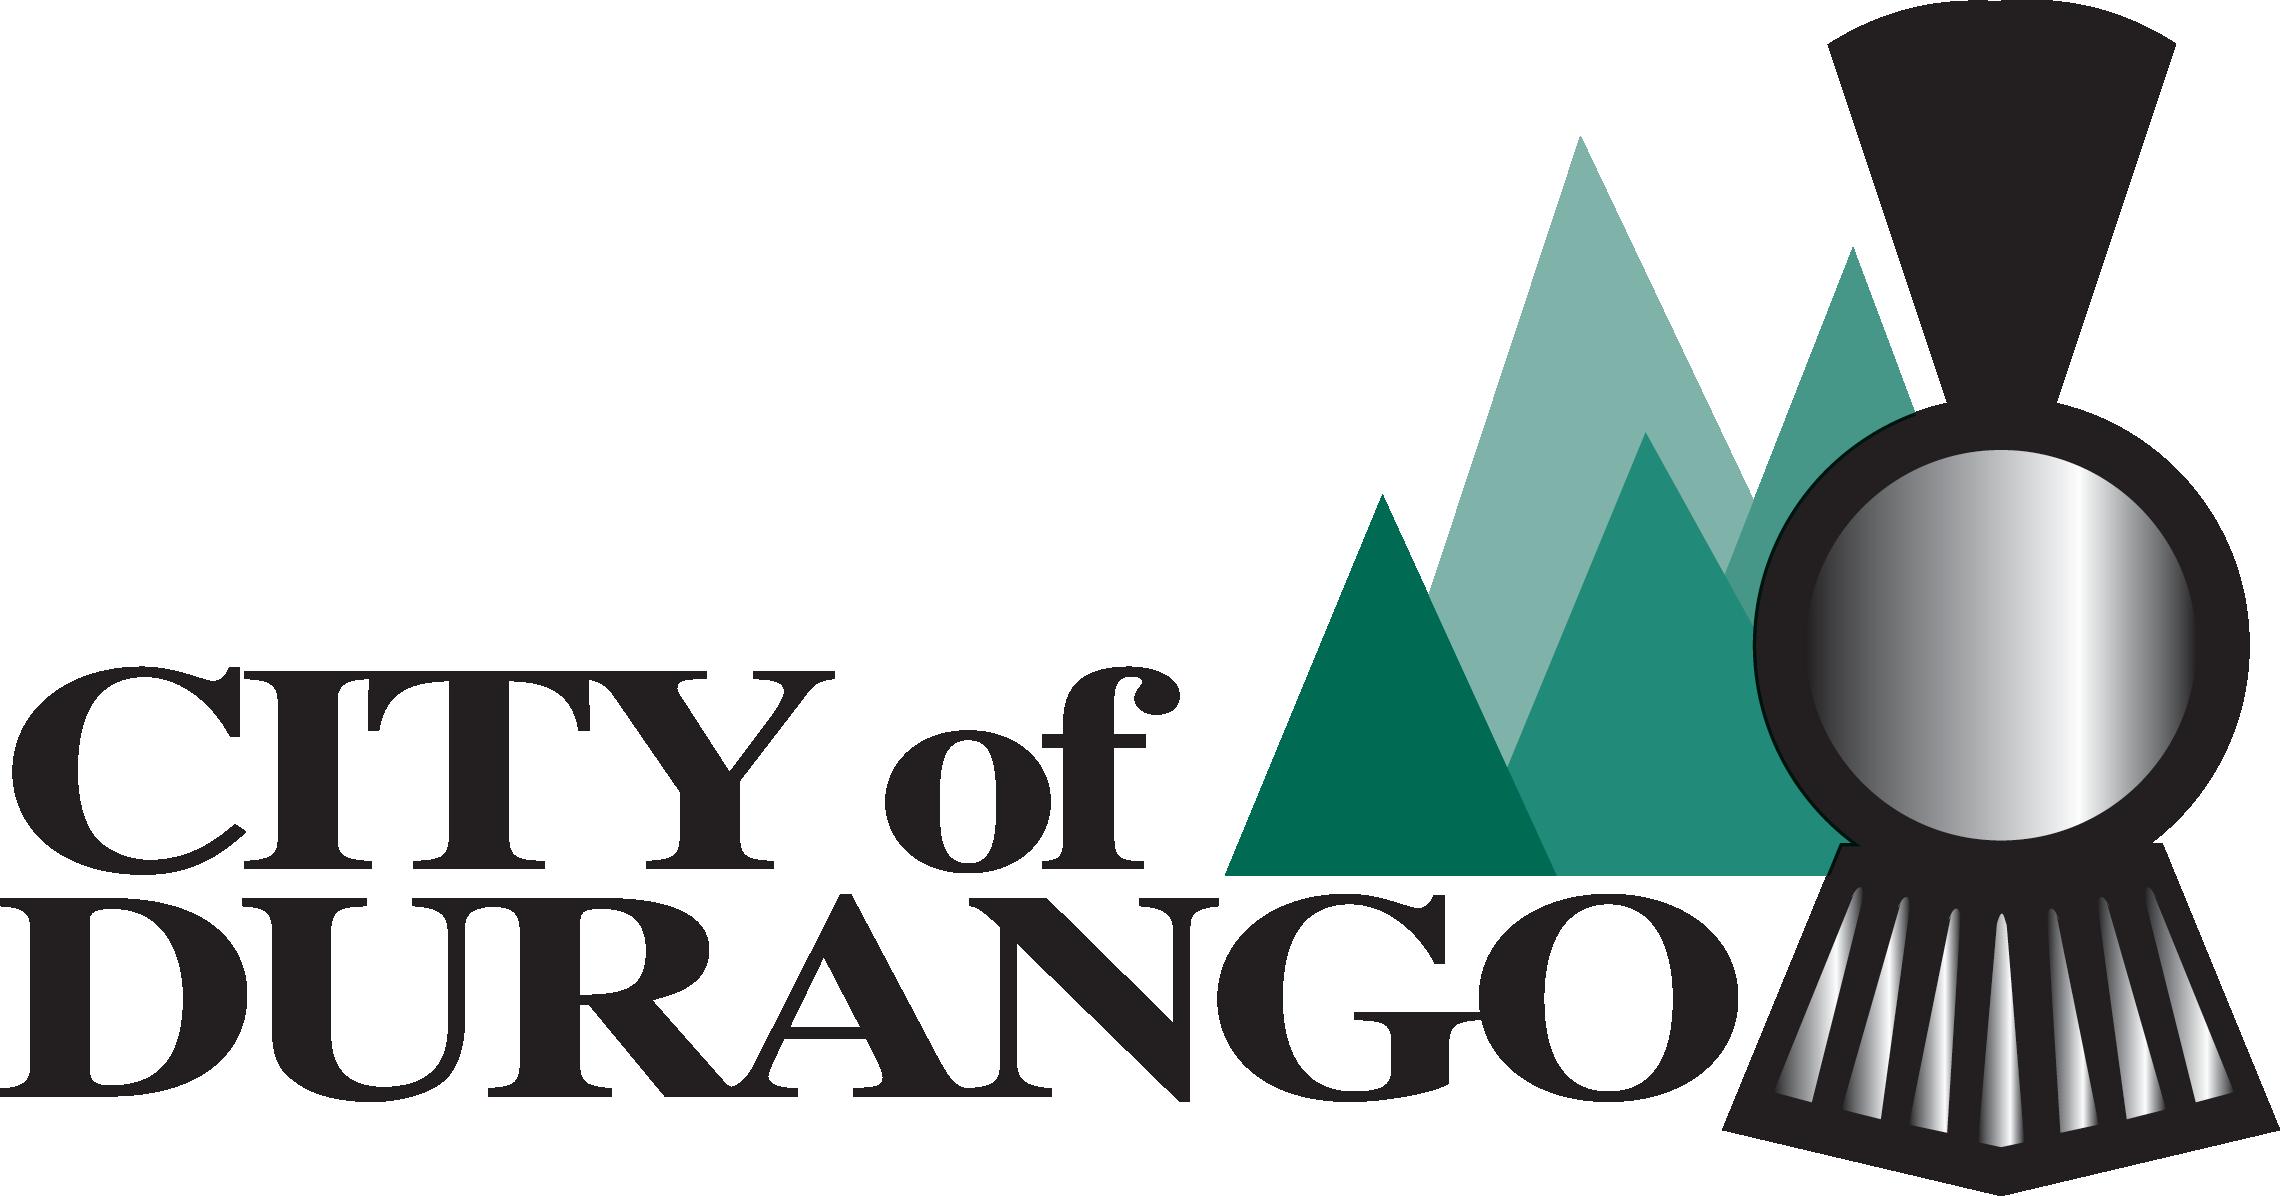 CityofDurango_transparent - Copy